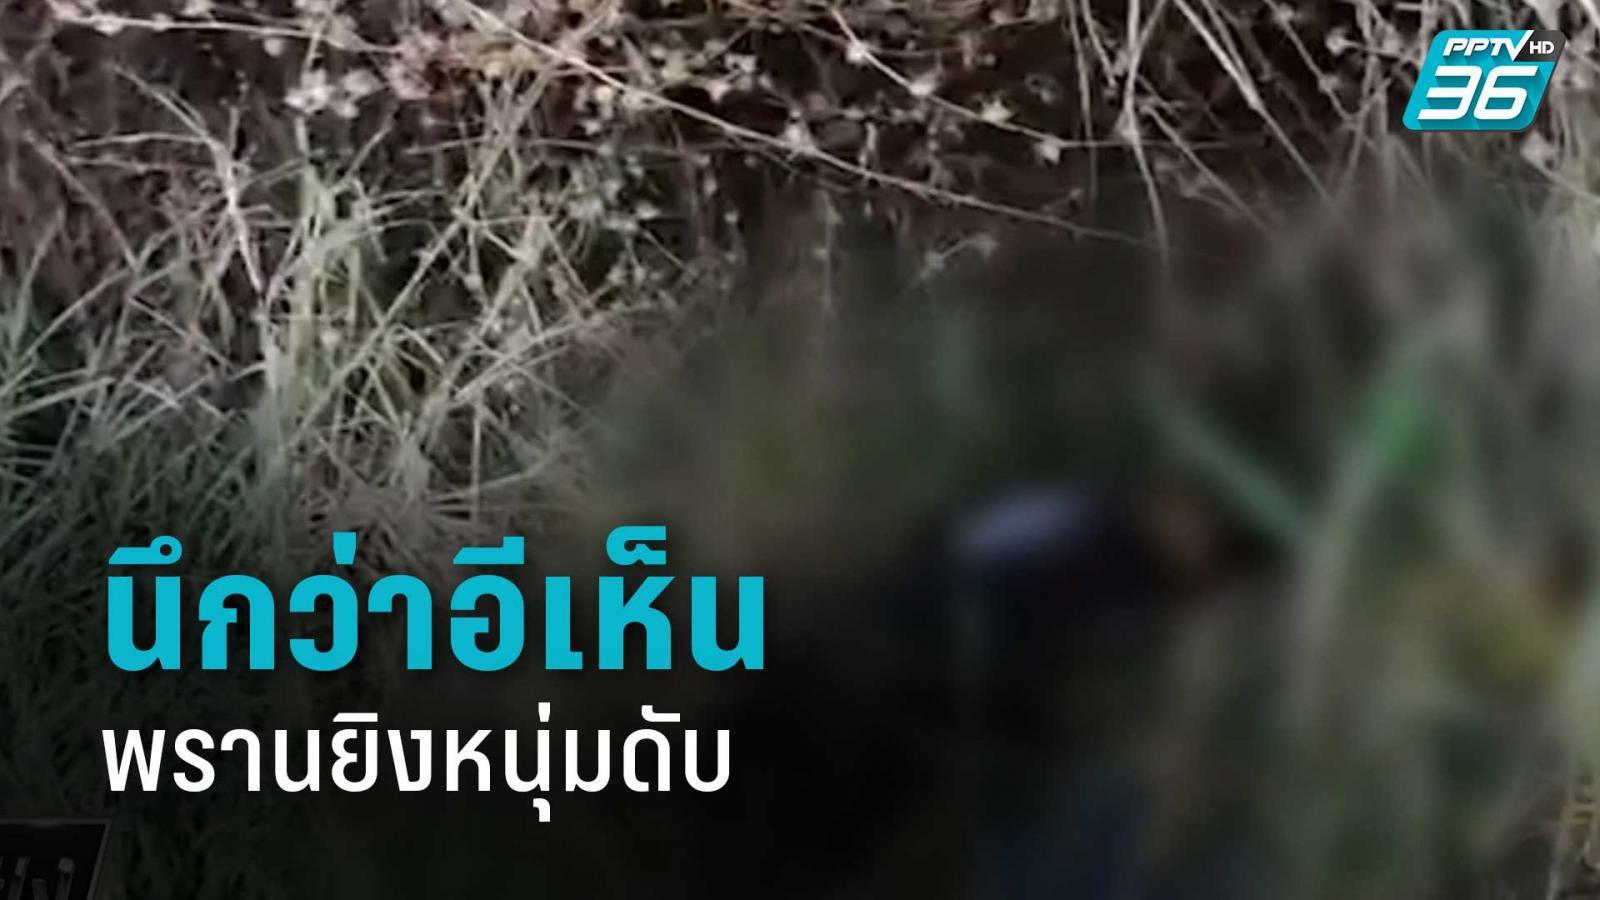 หนุ่มถูกยิงดับกลางป่าคนยิงอ้างนึกว่าอีเห็น